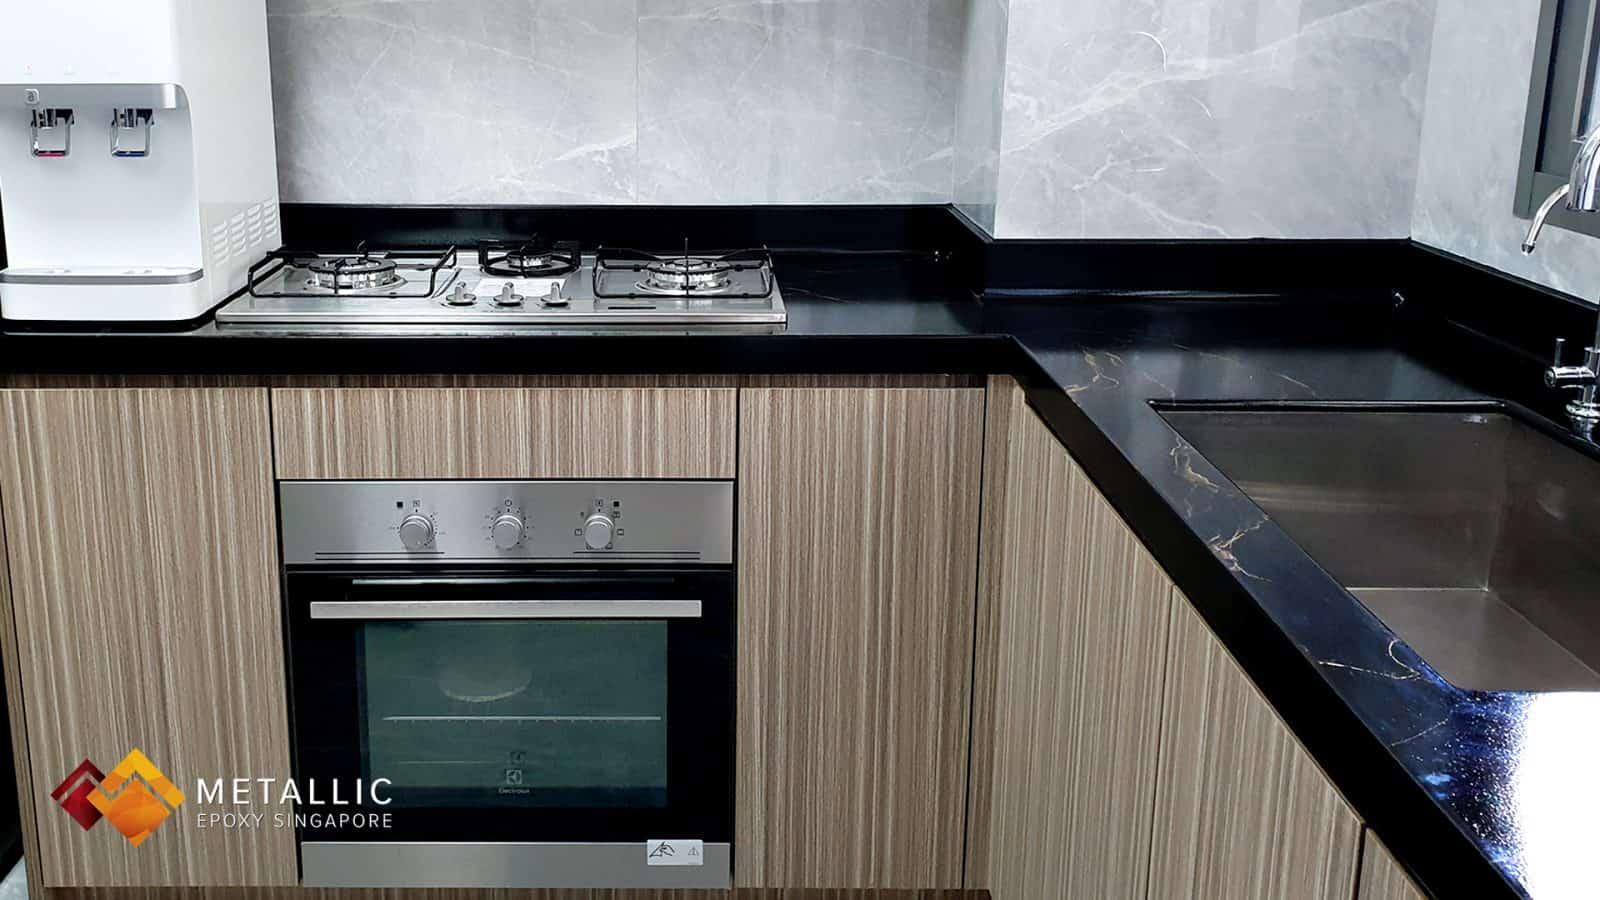 Gold on Black Metallic Epoxy Kitchen Countertop